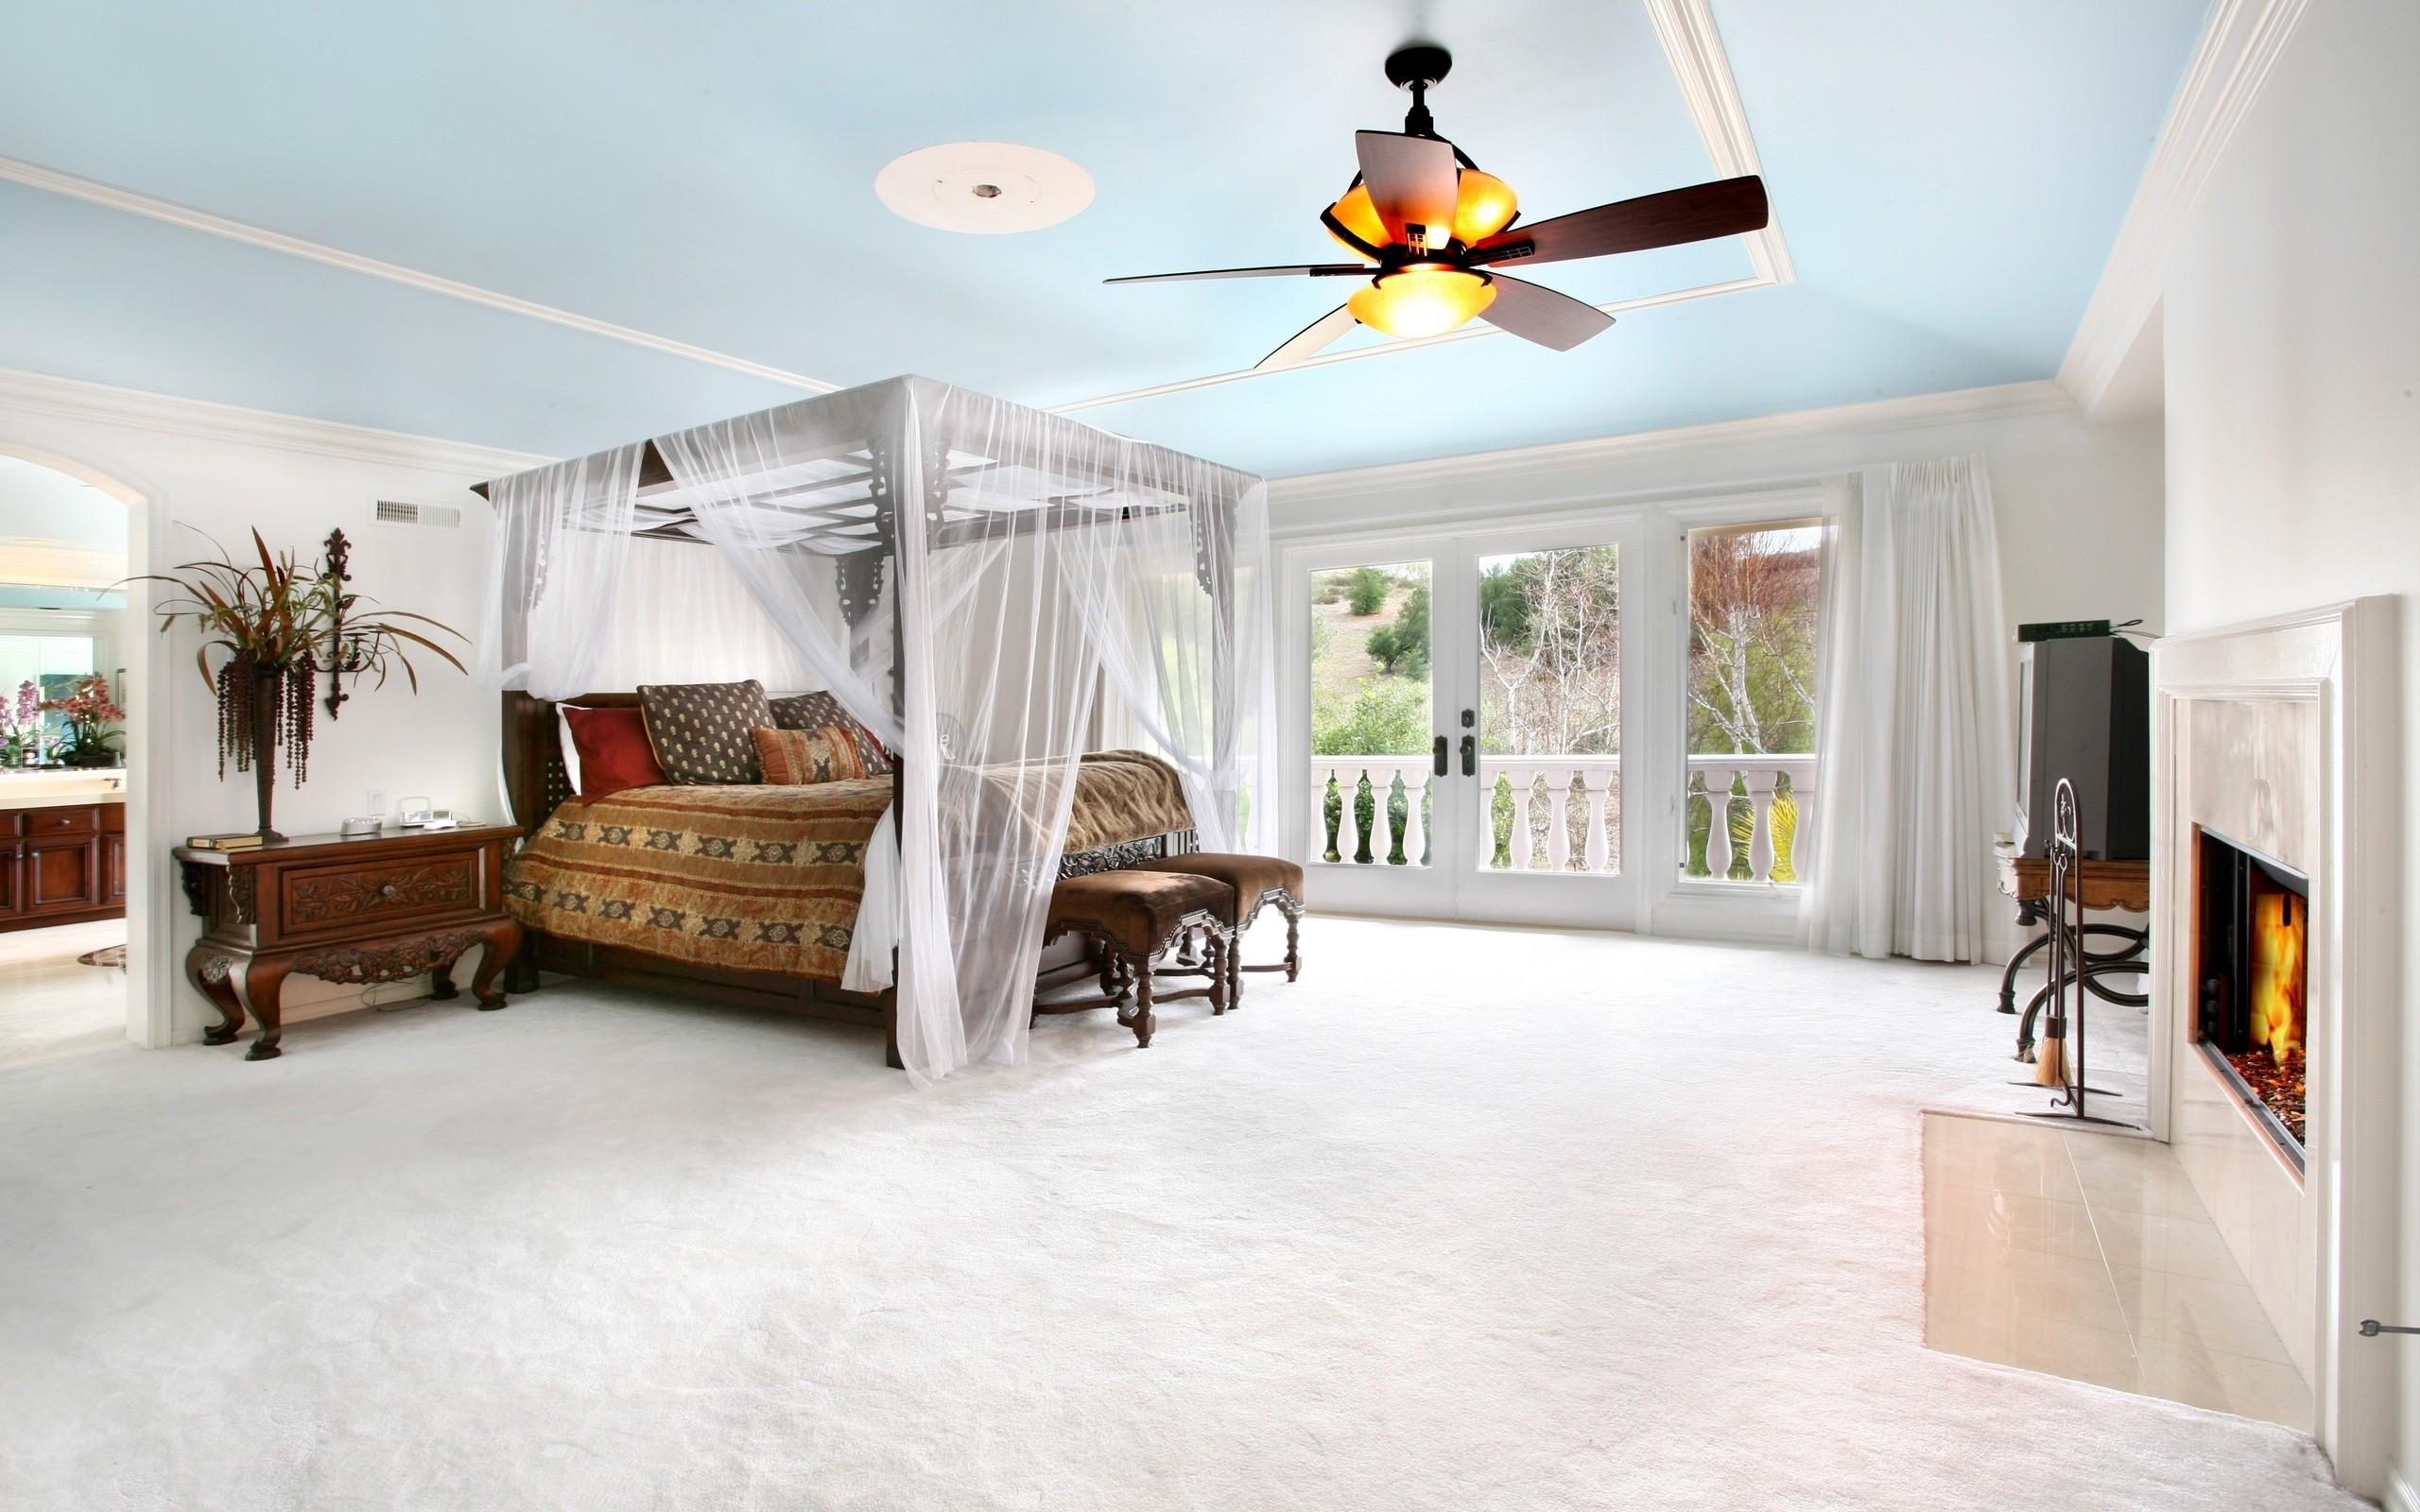 Habitación para casados - 2560x1600